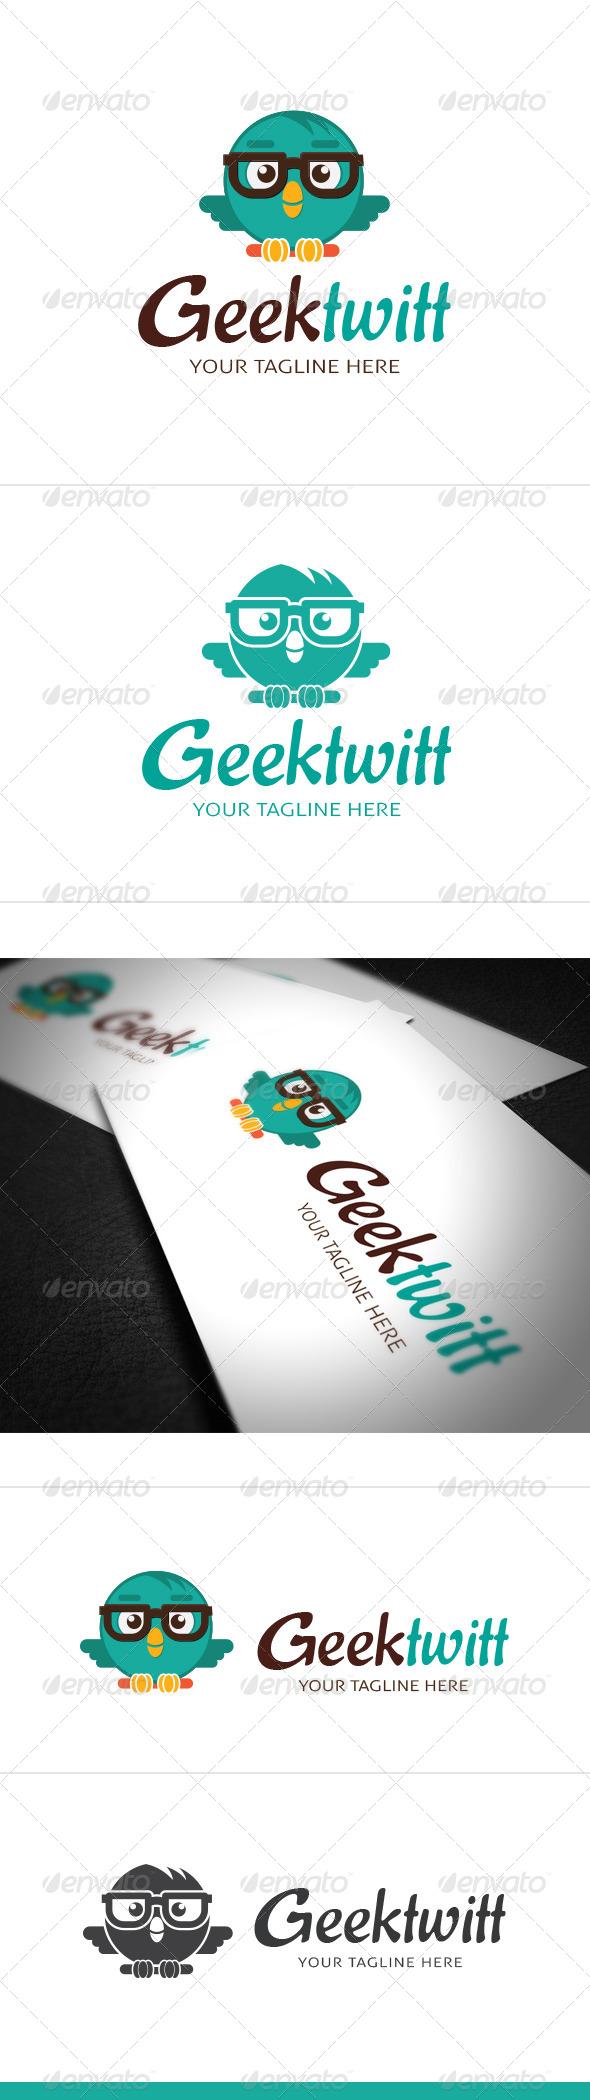 Geek Twitt Logo Template